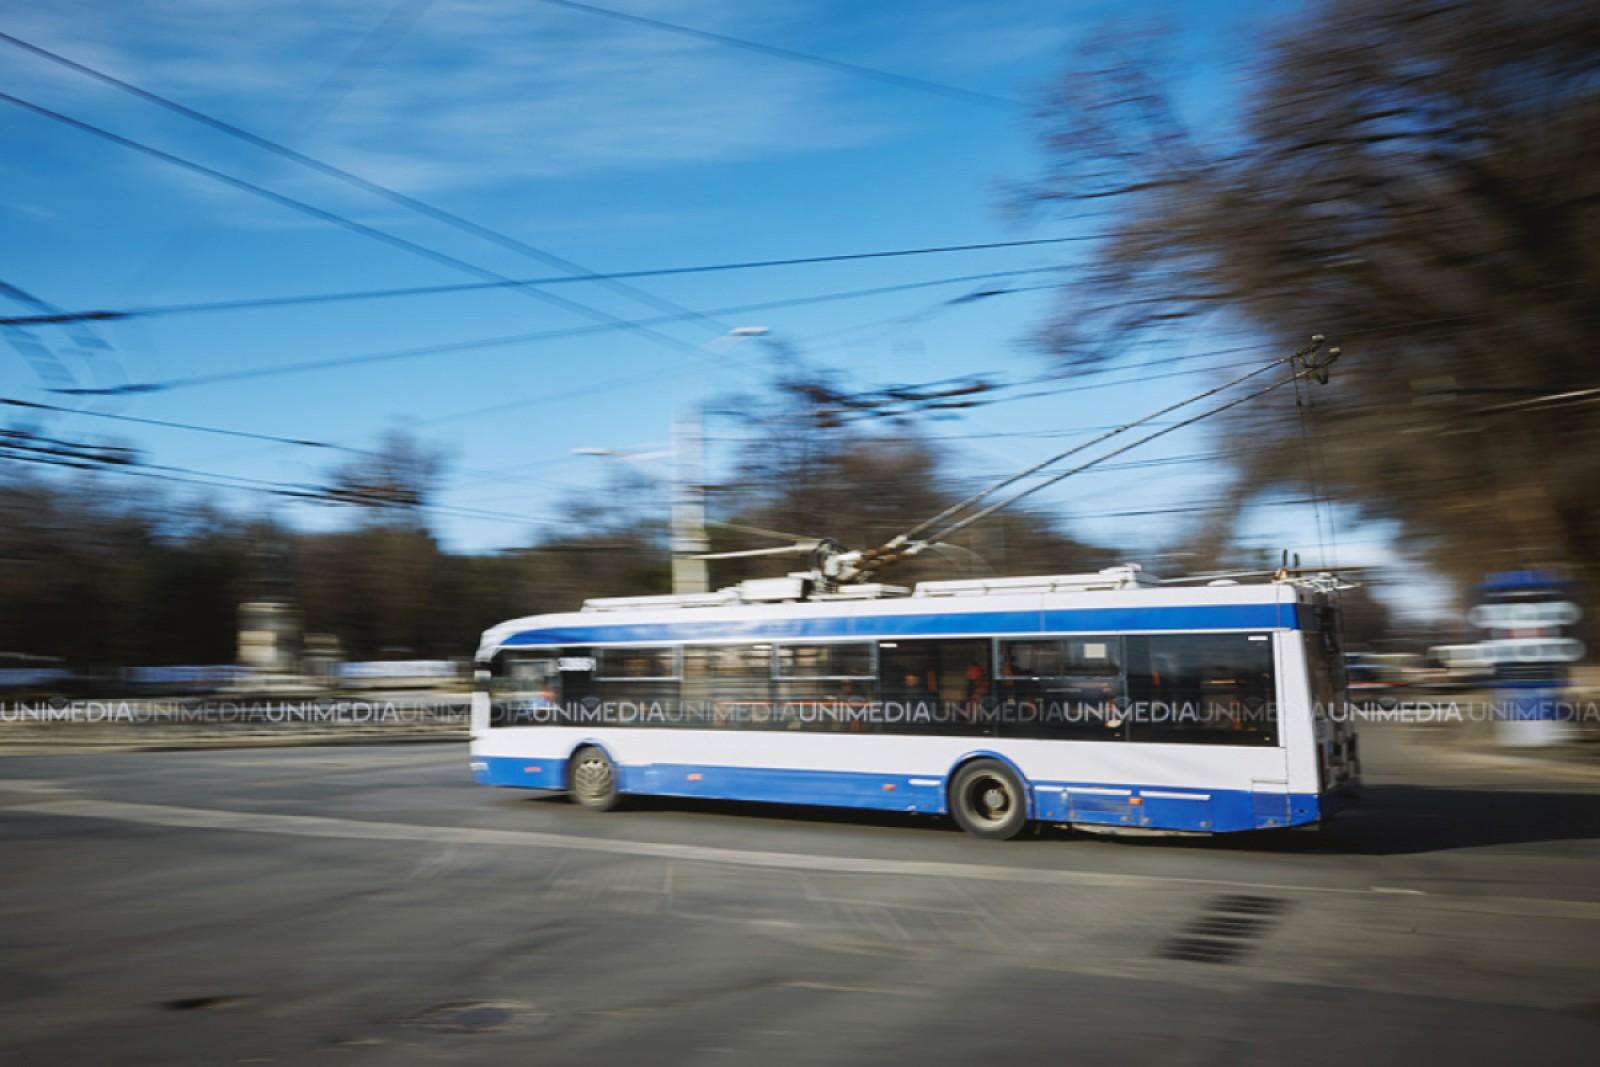 (foto) Atenție! Circulația troleibuzelor pe bd. Ștefan cel Mare din capitală este sistată din lipsa curentului electric